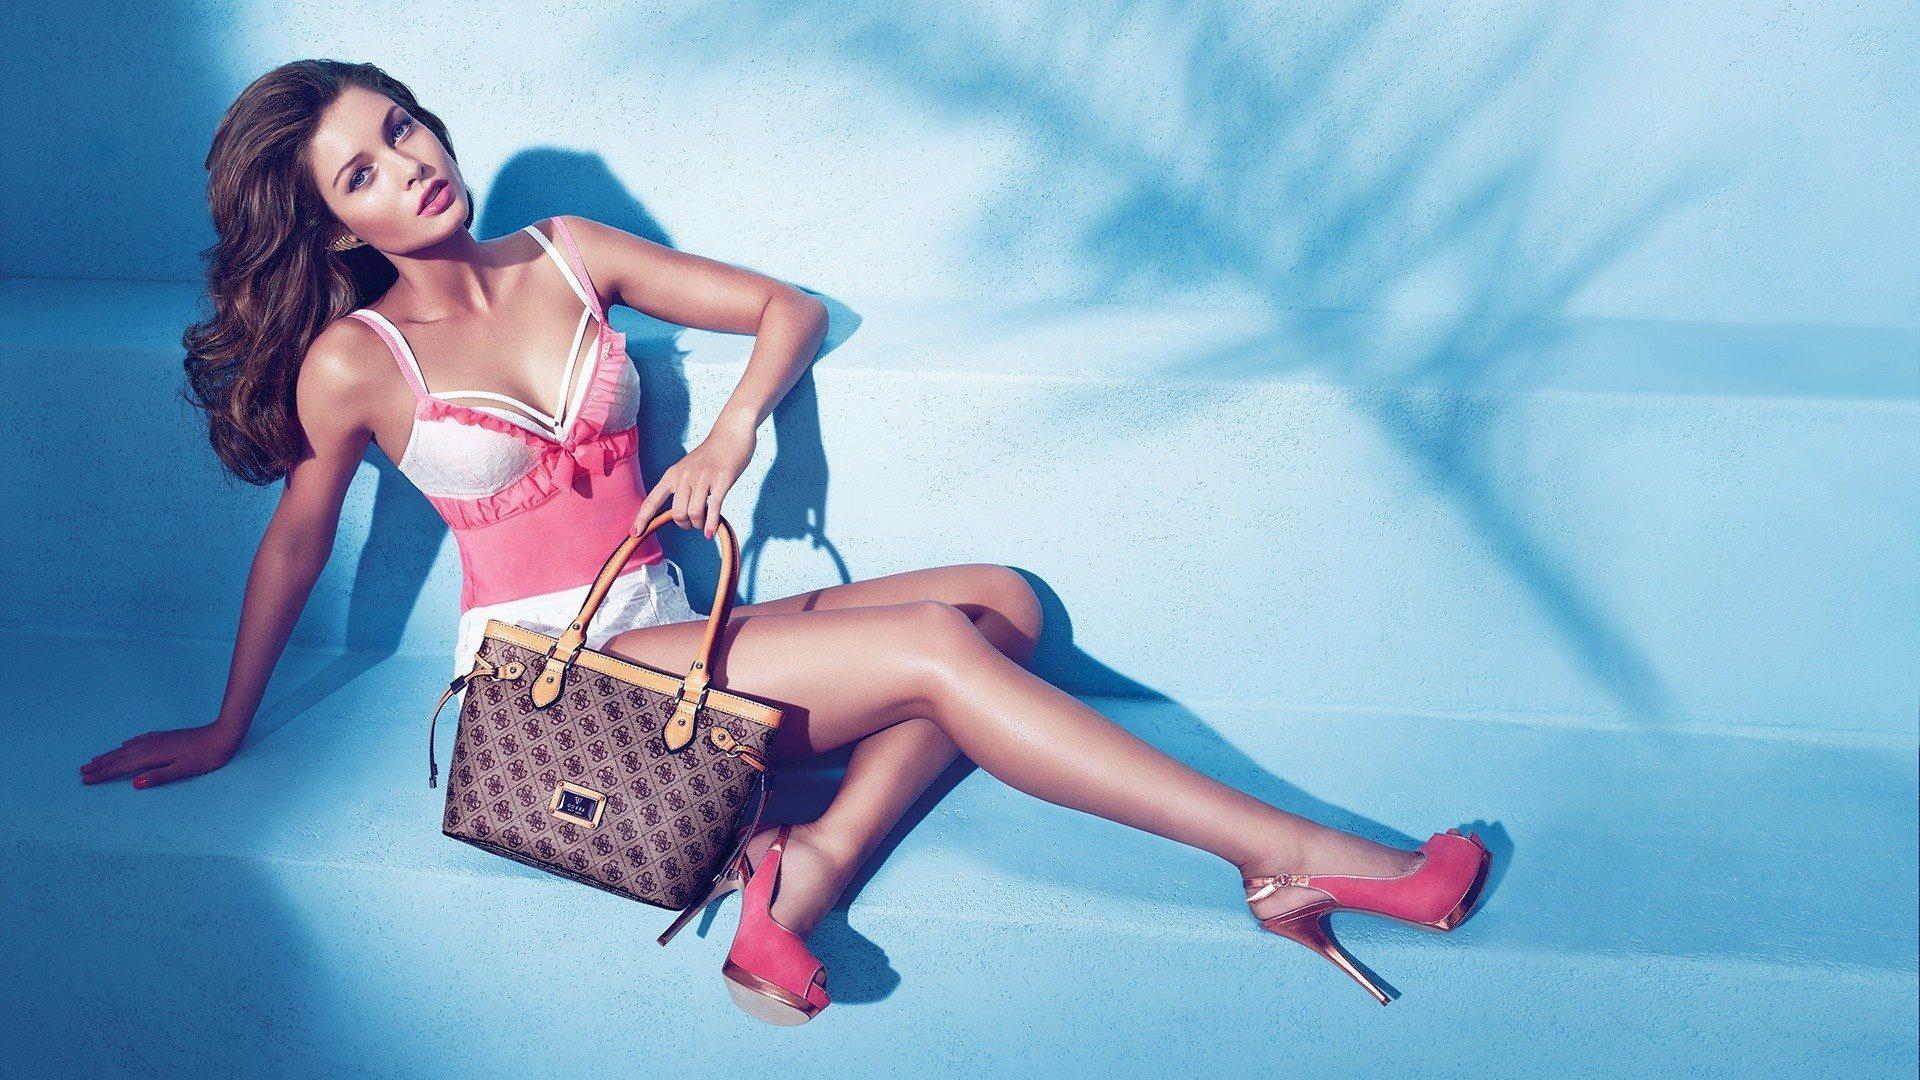 Какие сумки и аксессуары лучше подходят девушкам?